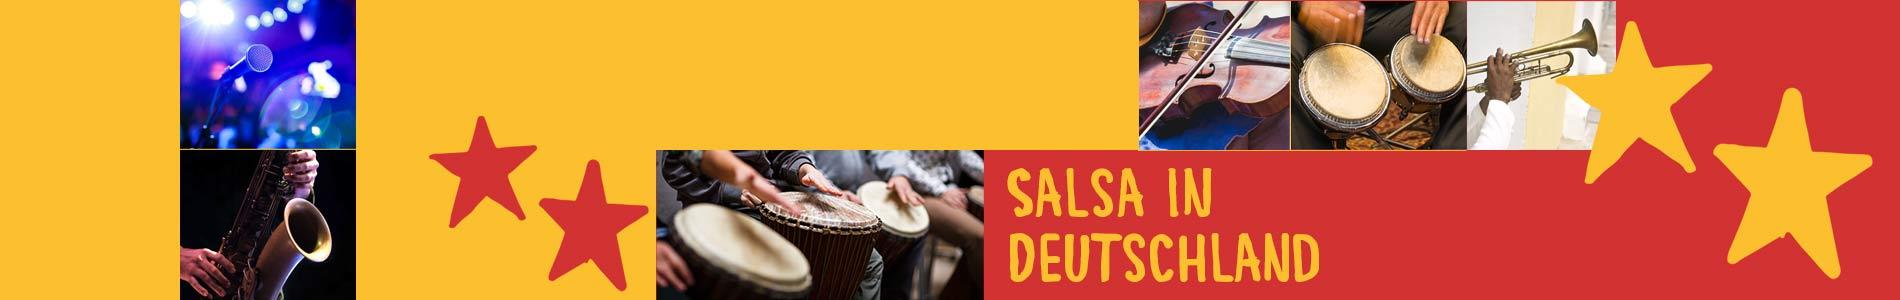 Salsa in Creglingen – Salsa lernen und tanzen, Tanzkurse, Partys, Veranstaltungen